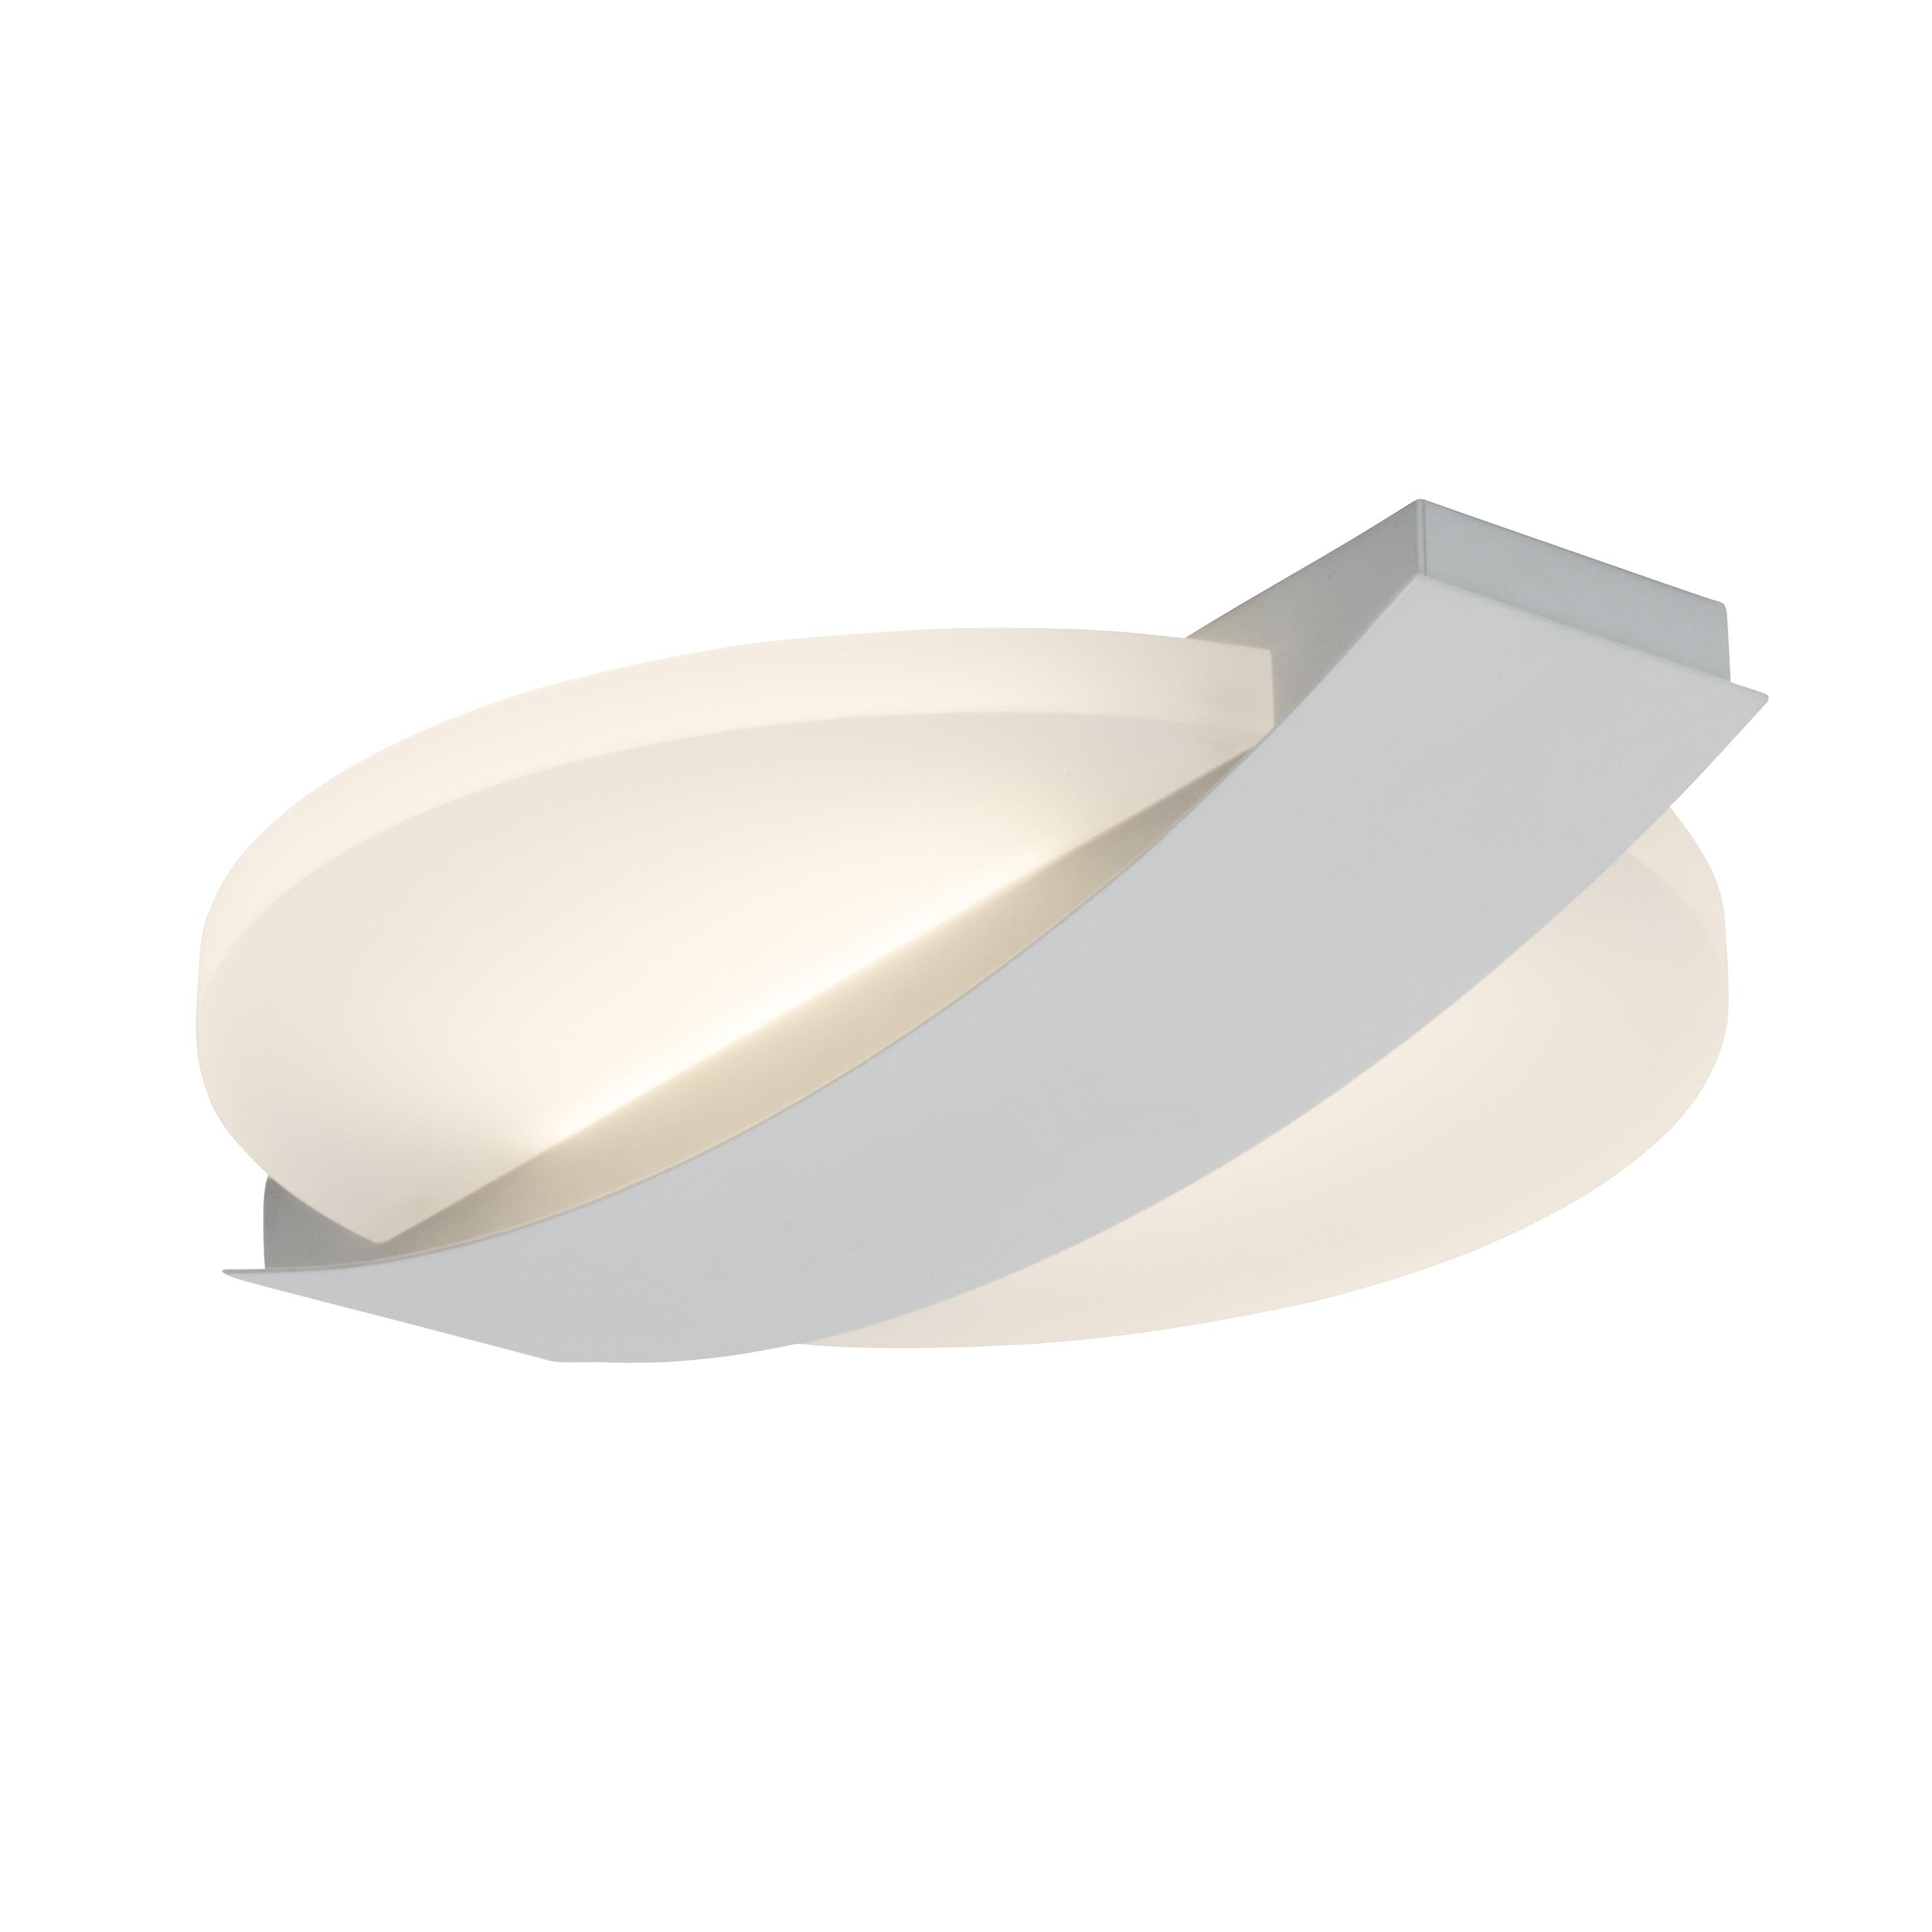 Brilliant Leuchten Solution LED Deckenleuchte 37cm rund weiÃY easyDim